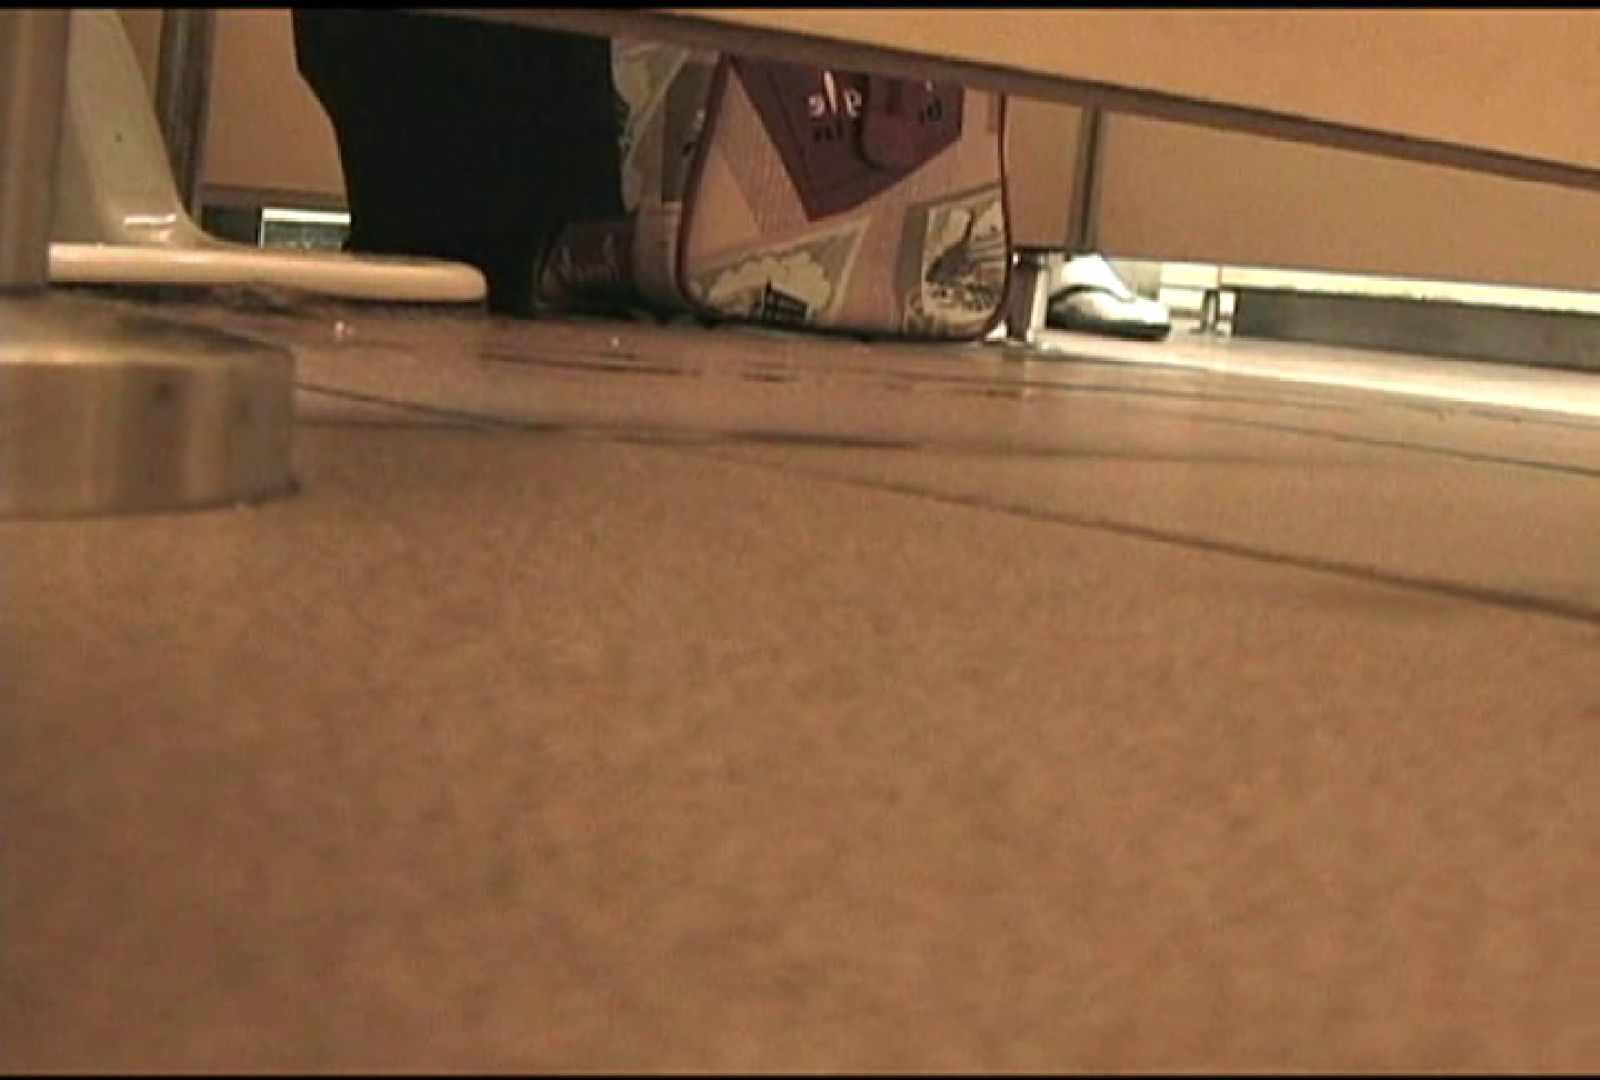 マンコ丸見え女子洗面所Vol.50 OLエロ画像 のぞきエロ無料画像 49PICs 7